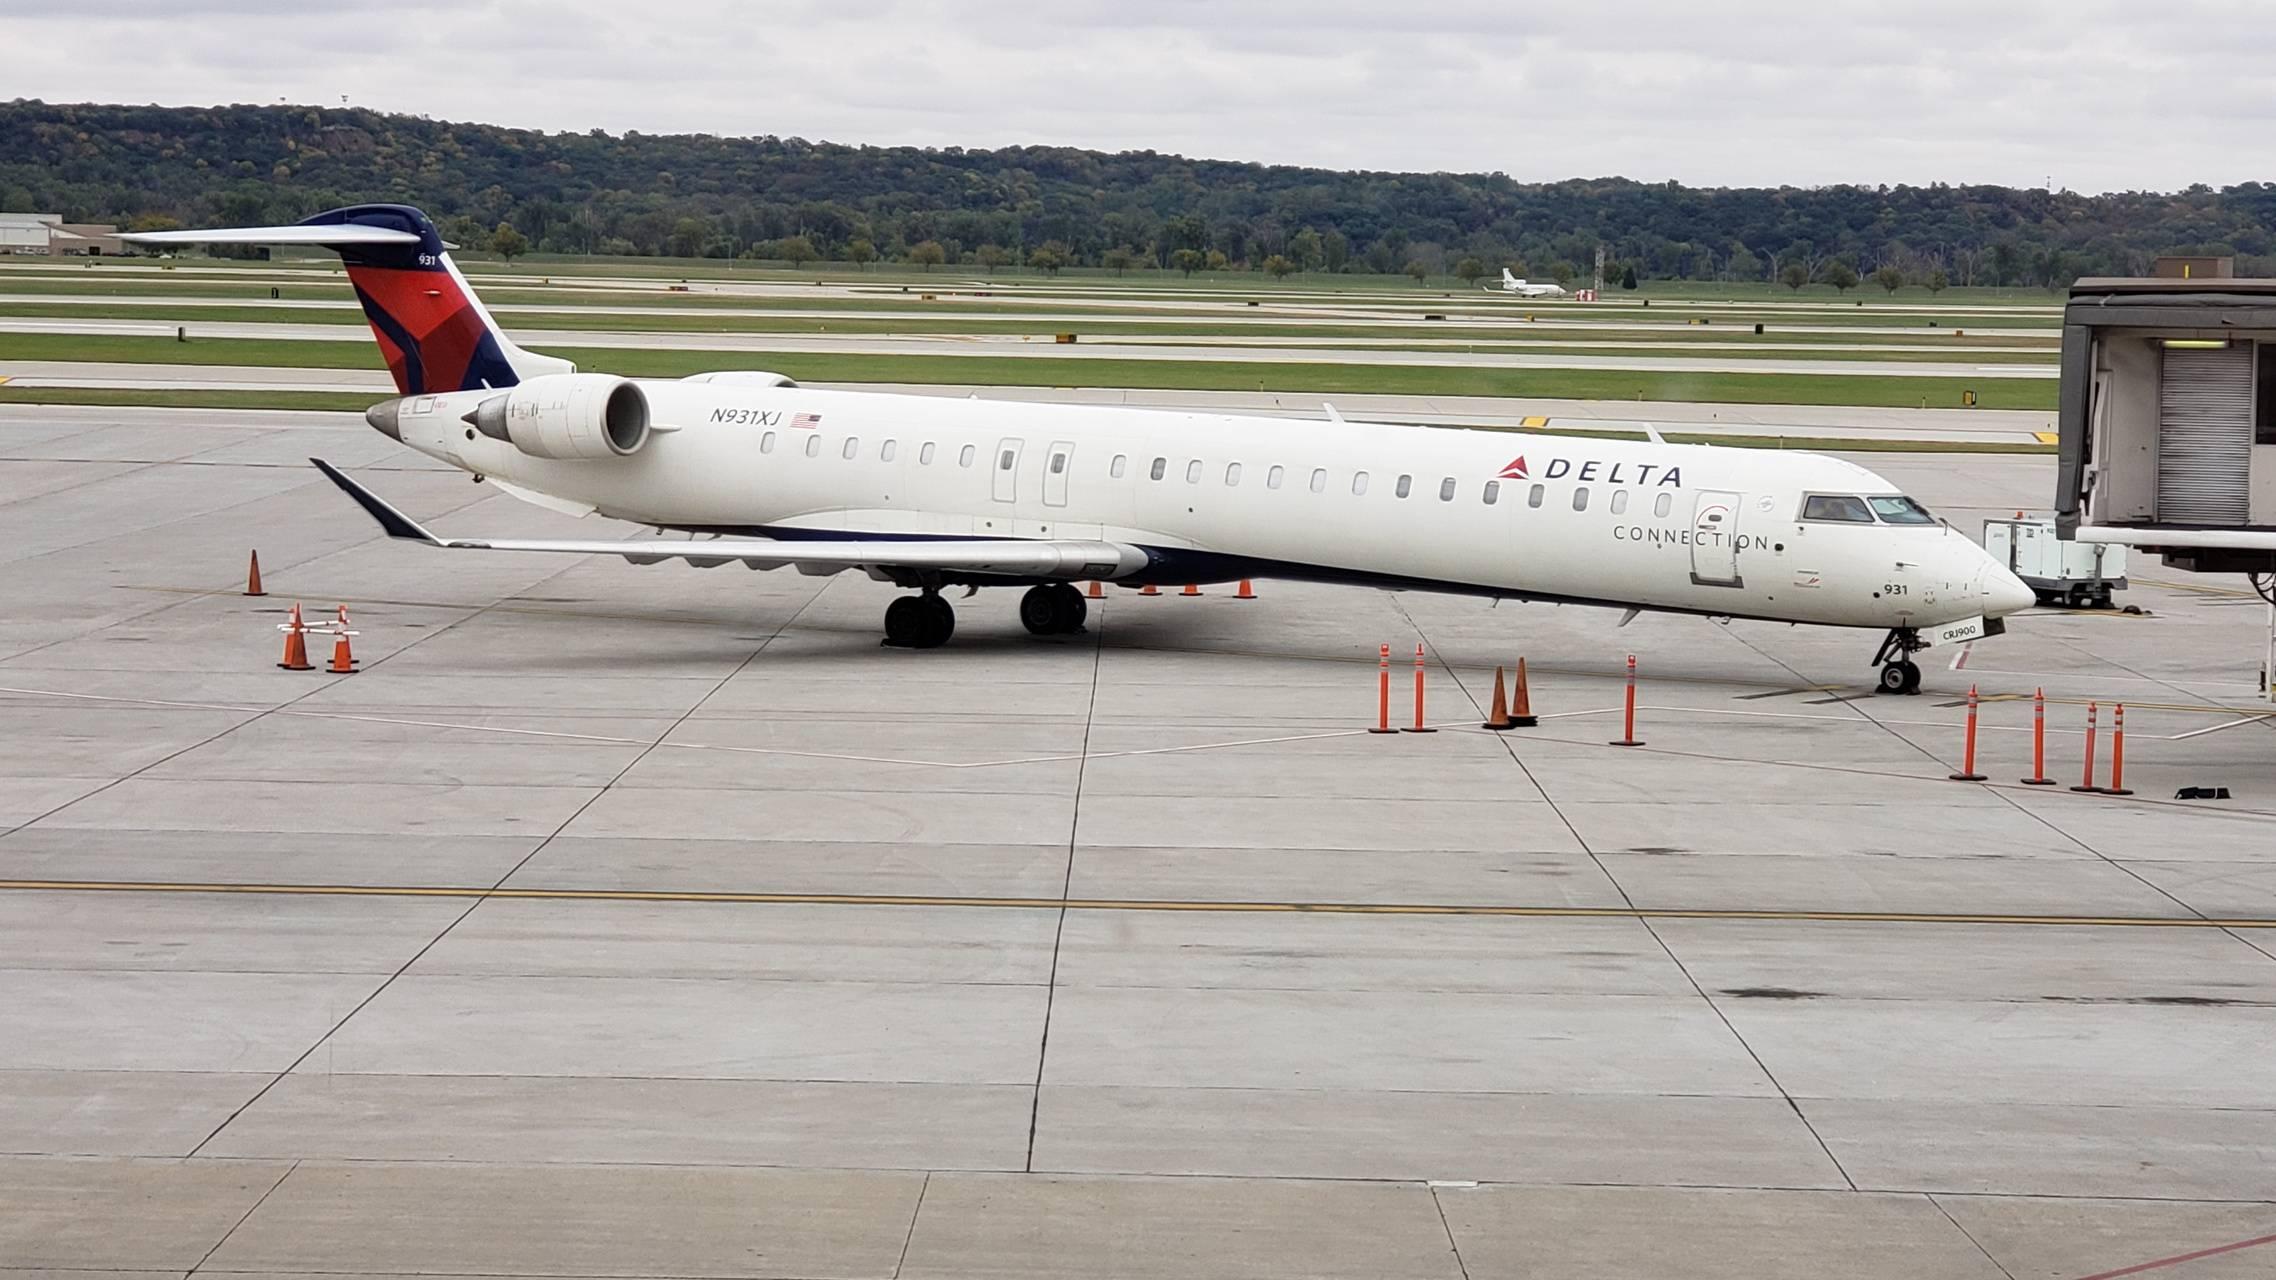 Delta CRJ 900